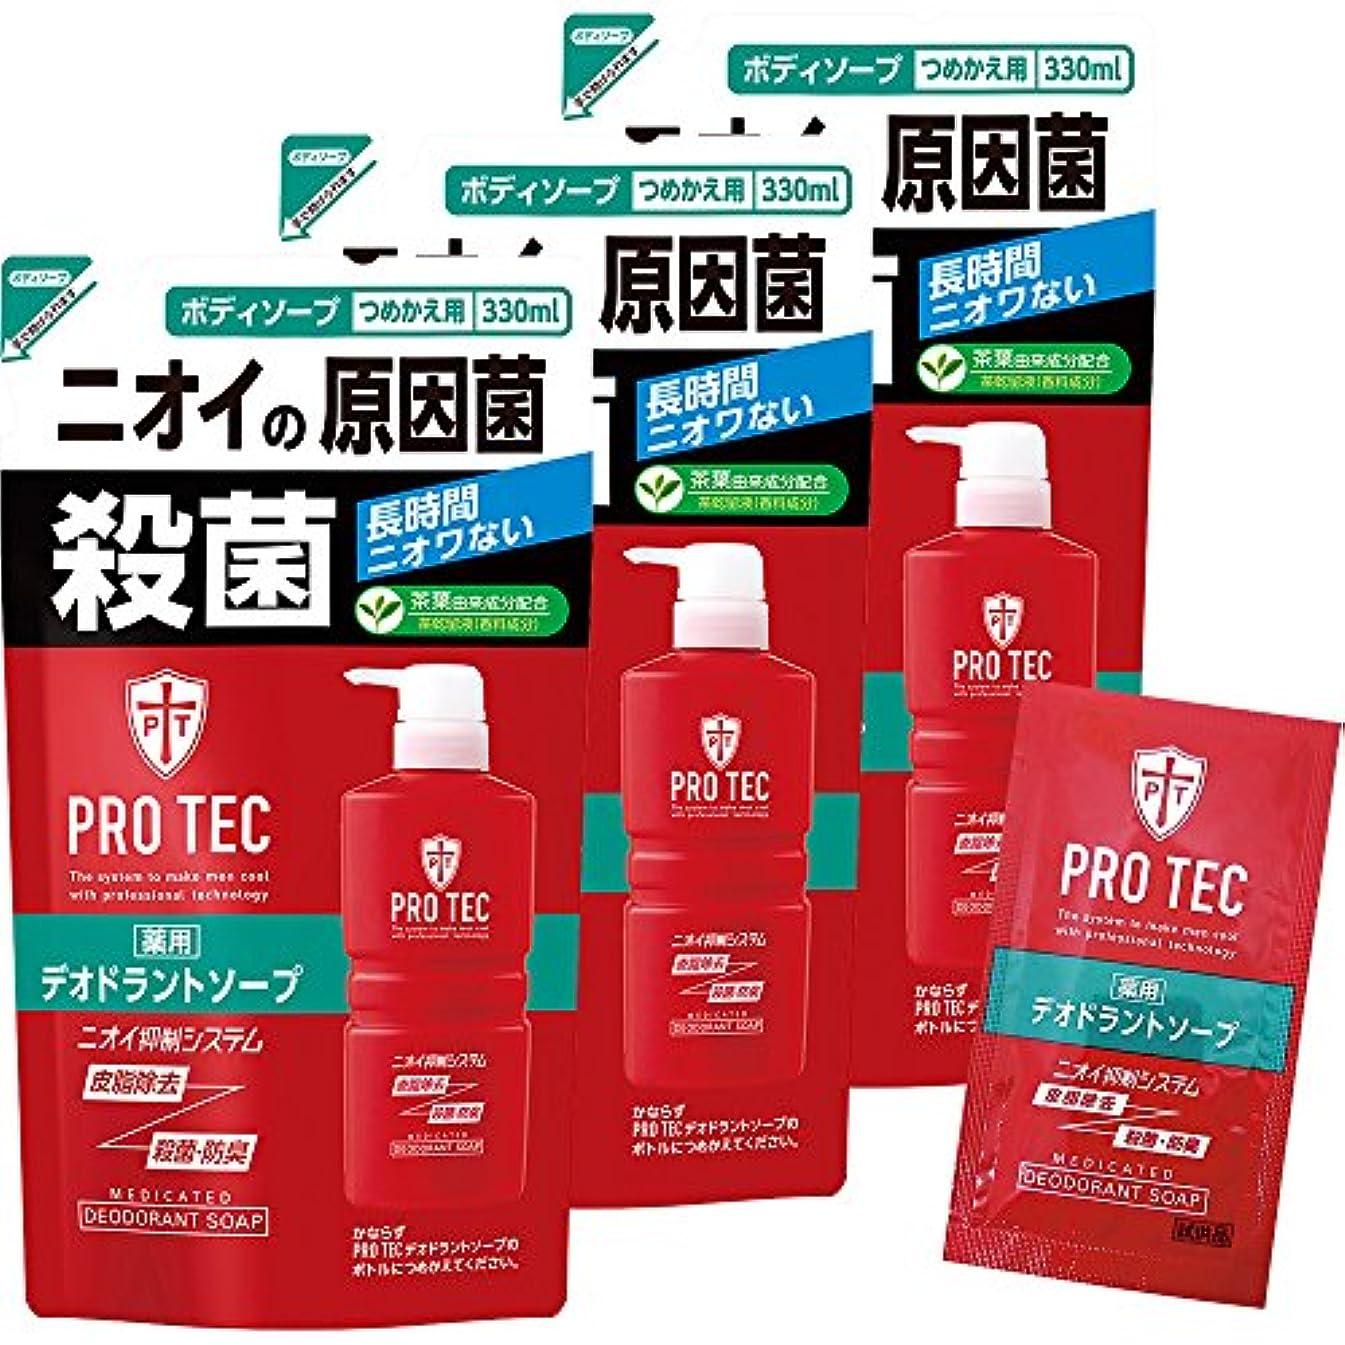 起きているマングルばか【Amazon.co.jp限定】PRO TEC(プロテク) デオドラントソープ 詰め替え330ml×3個パック+デオドラントソープ1回分付(医薬部外品)